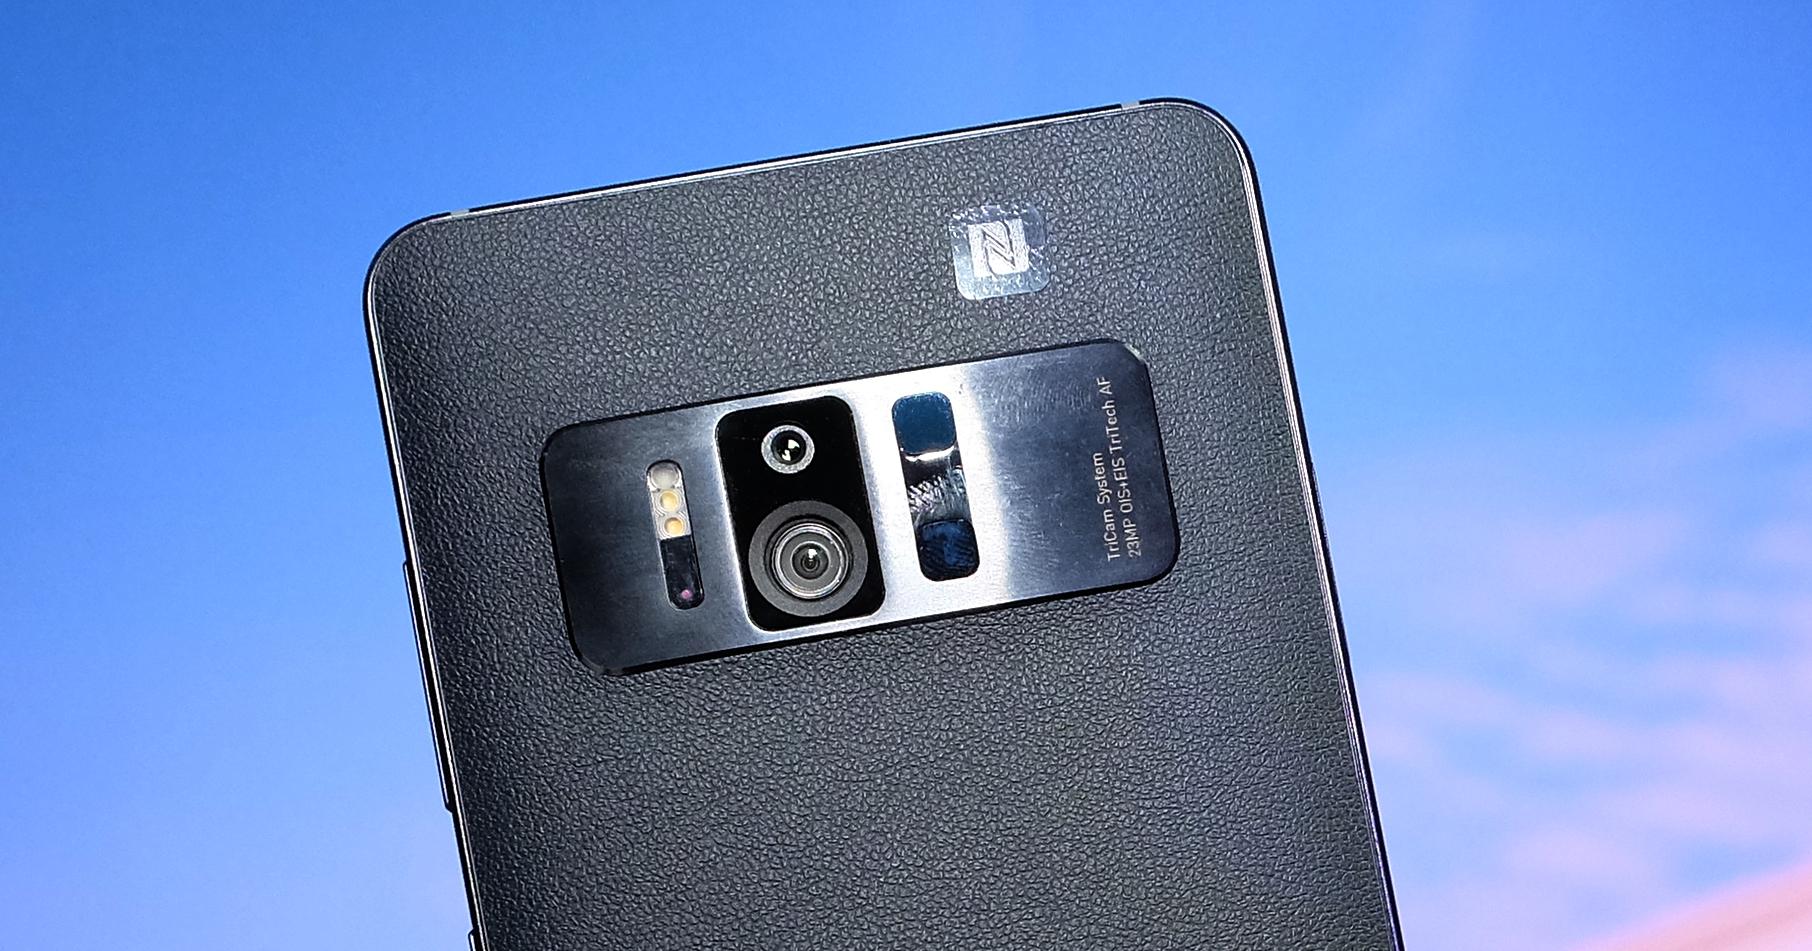 華碩 ZenFone AR 登場,台灣首款搭載 Tango 和 Daydream VR 手機